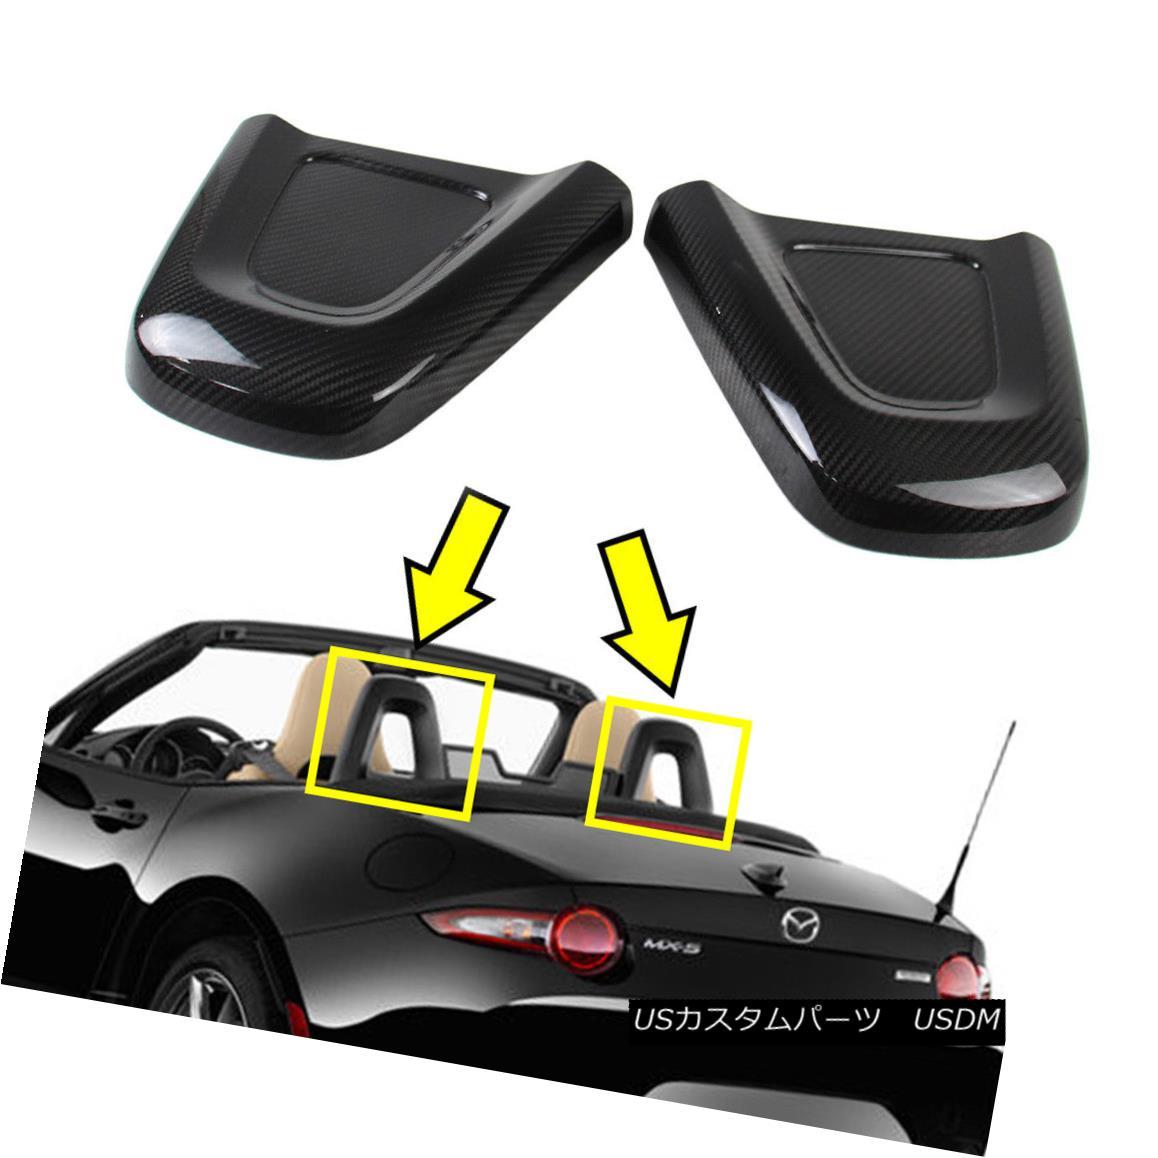 車用品 バイク用品 >> パーツ 外装 エアロパーツ その他 2016+ Dry Carbon Fit Mazda Restraint Miata NDインテリアヘッドレストカバーL LR Cover amp; 激安通販専門店 日時指定 Interior MX-5 R Head 2016+ドライカーボンフィットマツダMX-5 ND